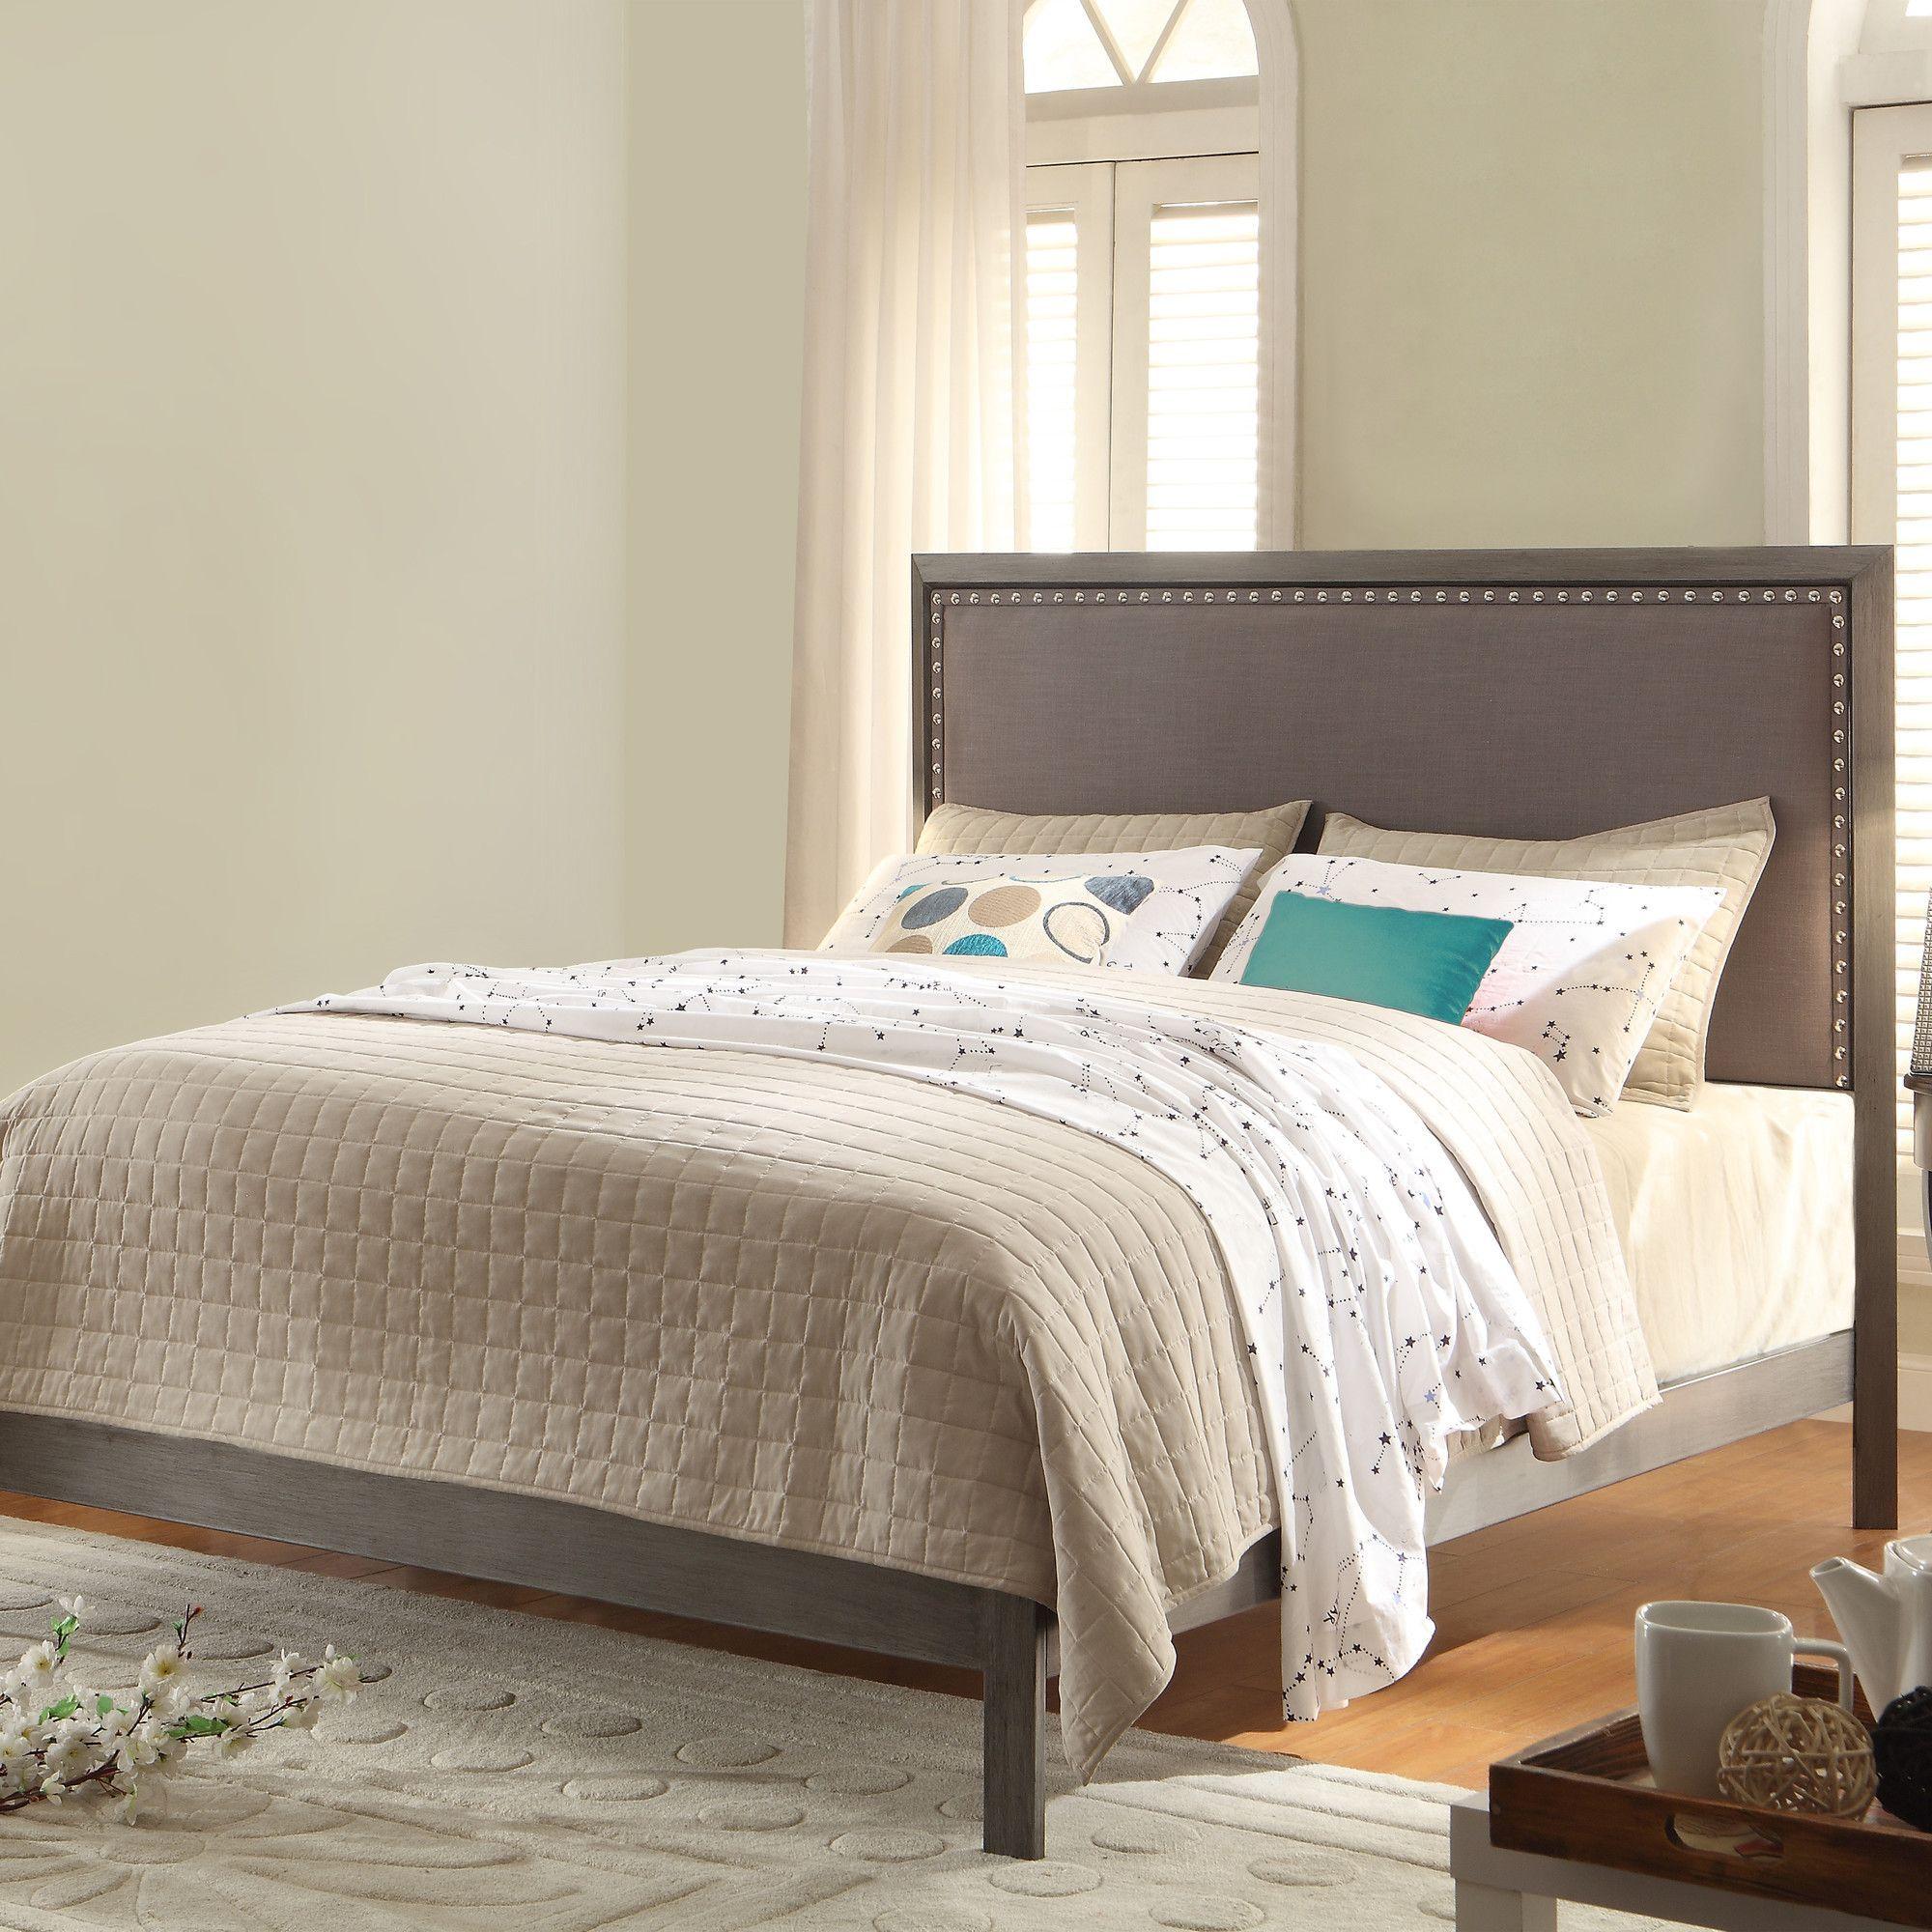 normandy upholstered platform bed normandy and platform beds